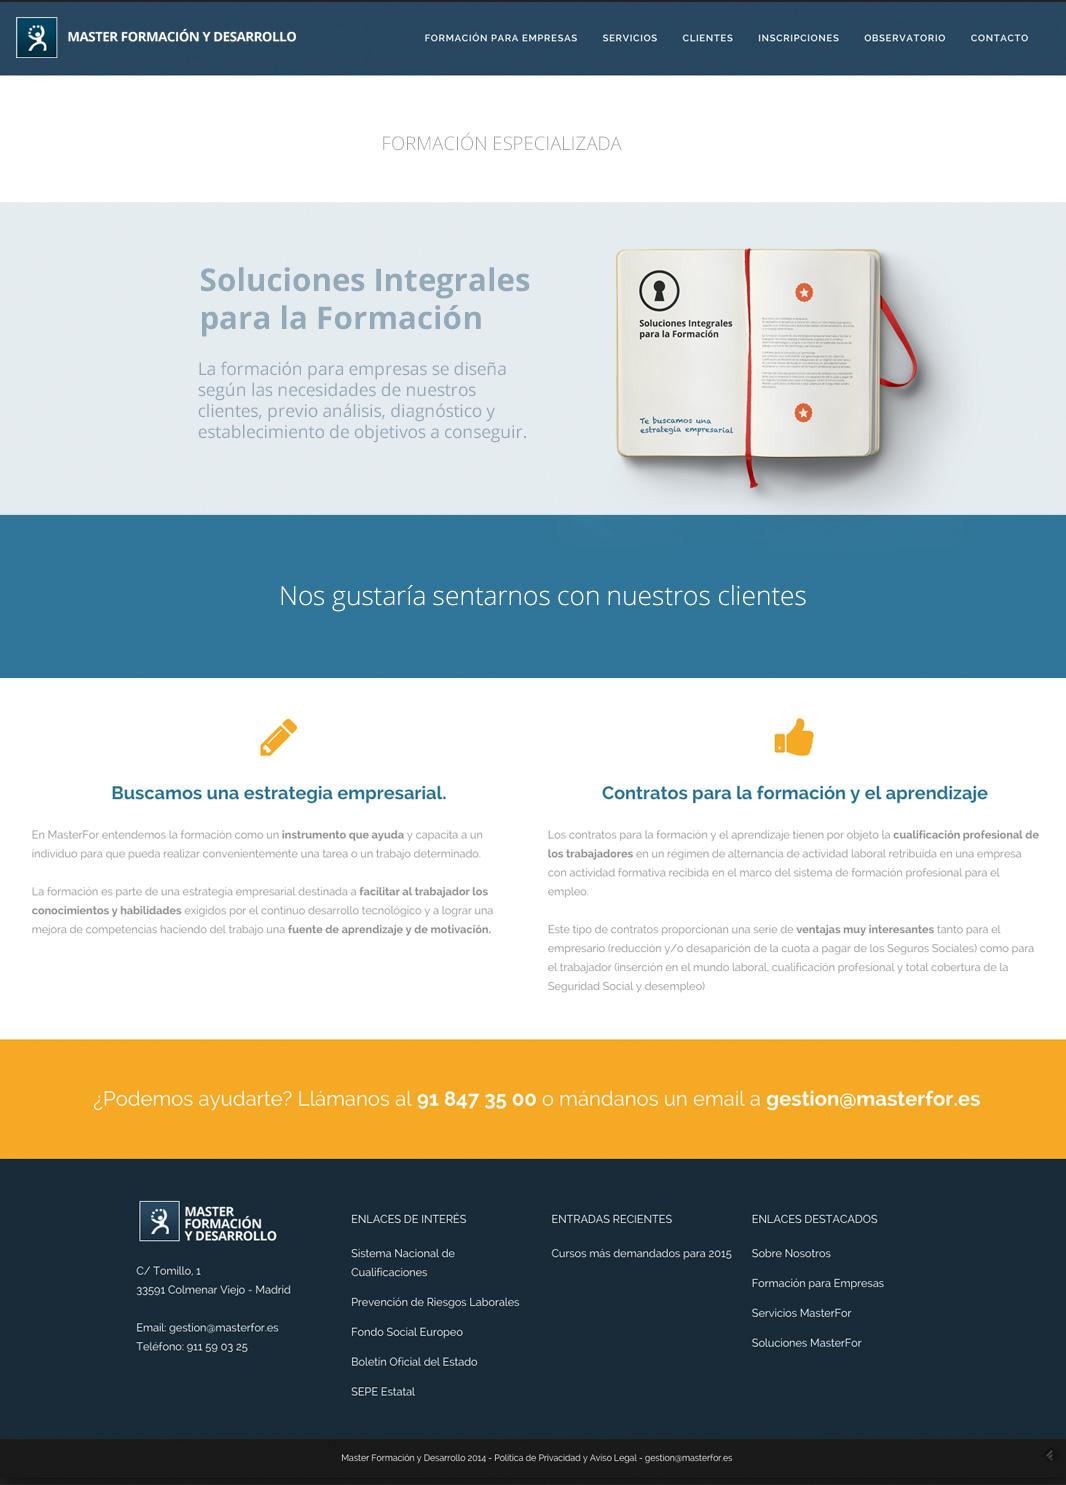 Diseño web MFD Formación